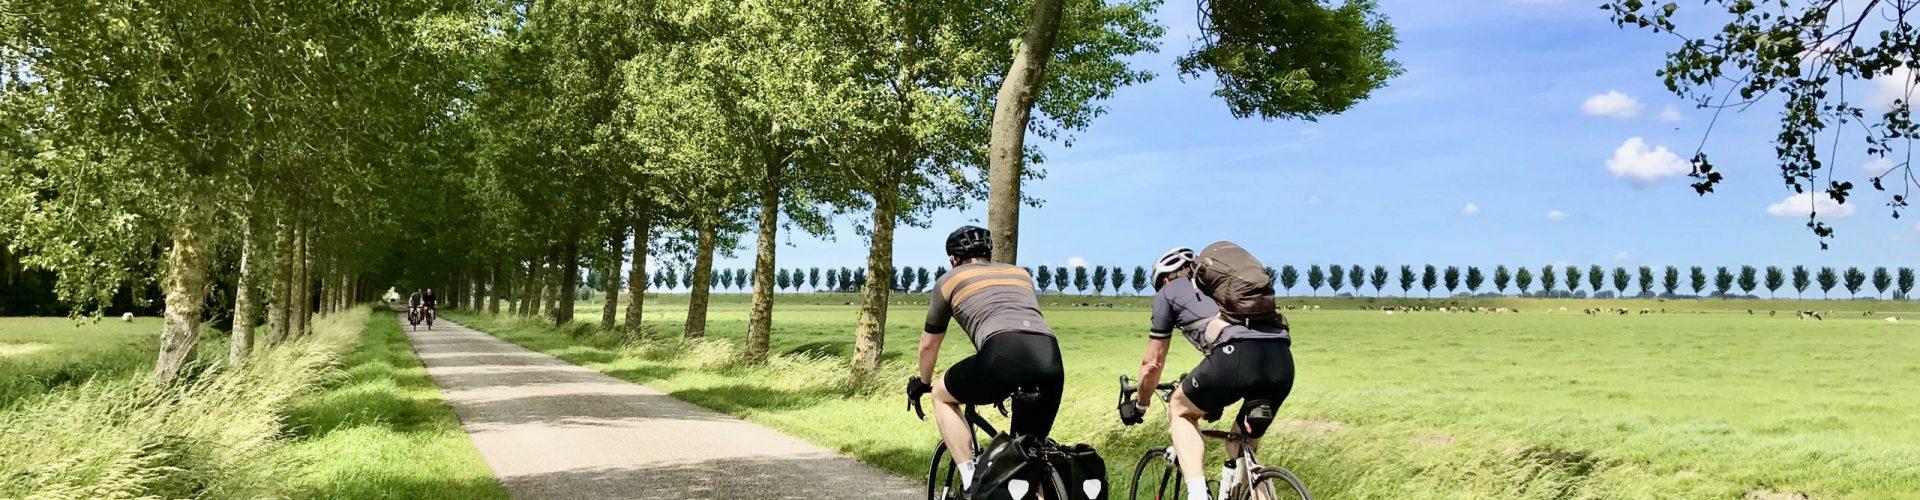 Fietsers Mijzerweg en Noorddijk IMG_0705